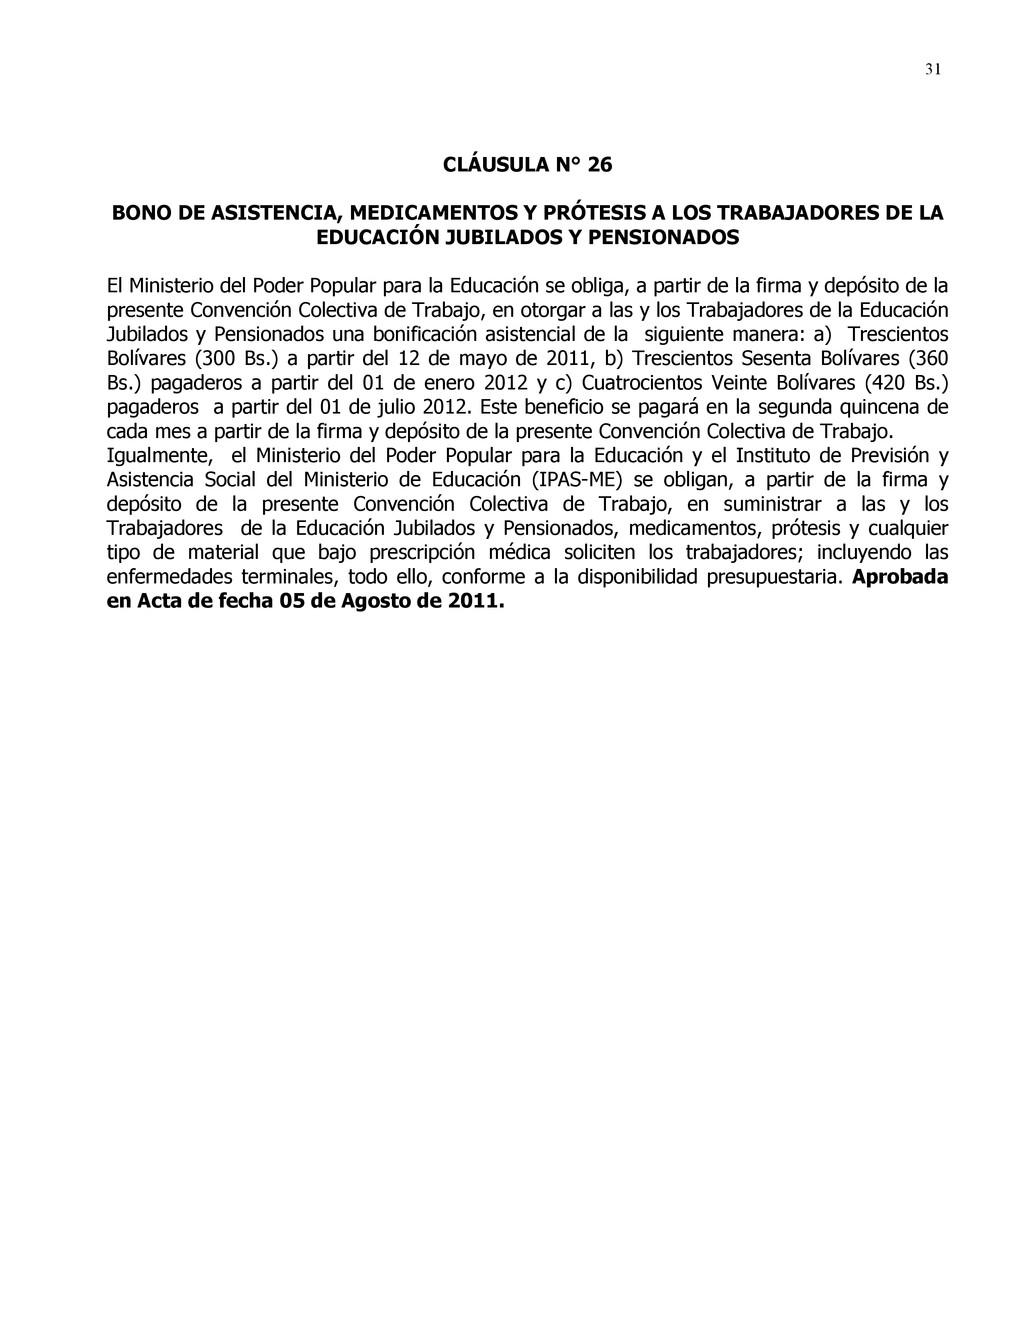 31 CLÁUSULA N° 26 BONO DE ASISTENCIA, MEDICAMEN...